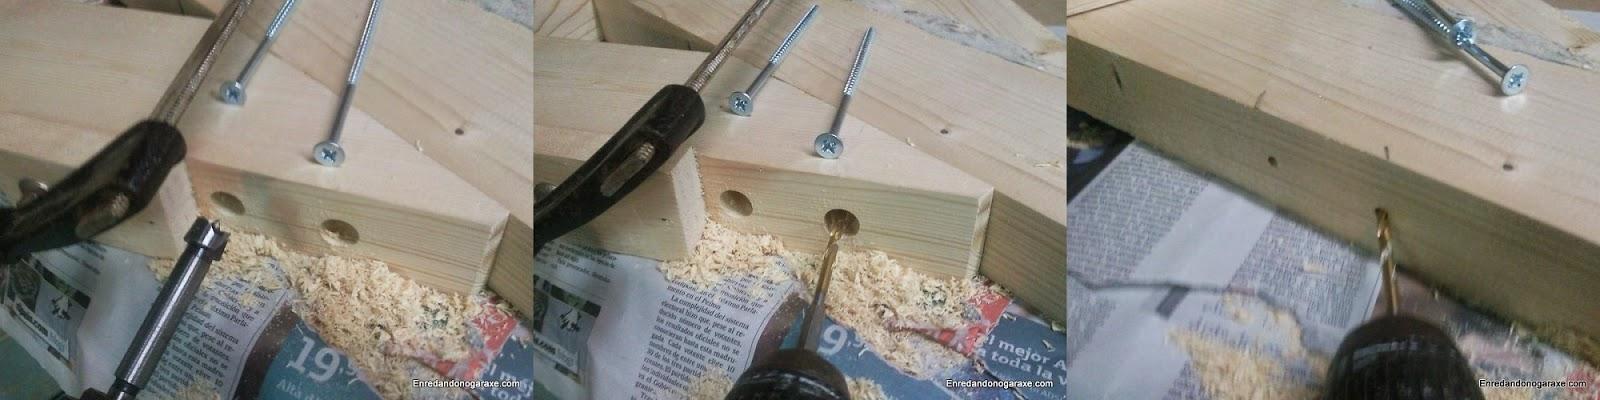 Taladrando agujeros ciegos y guía para unir los refuerzos. Enredandonogaraxe.com